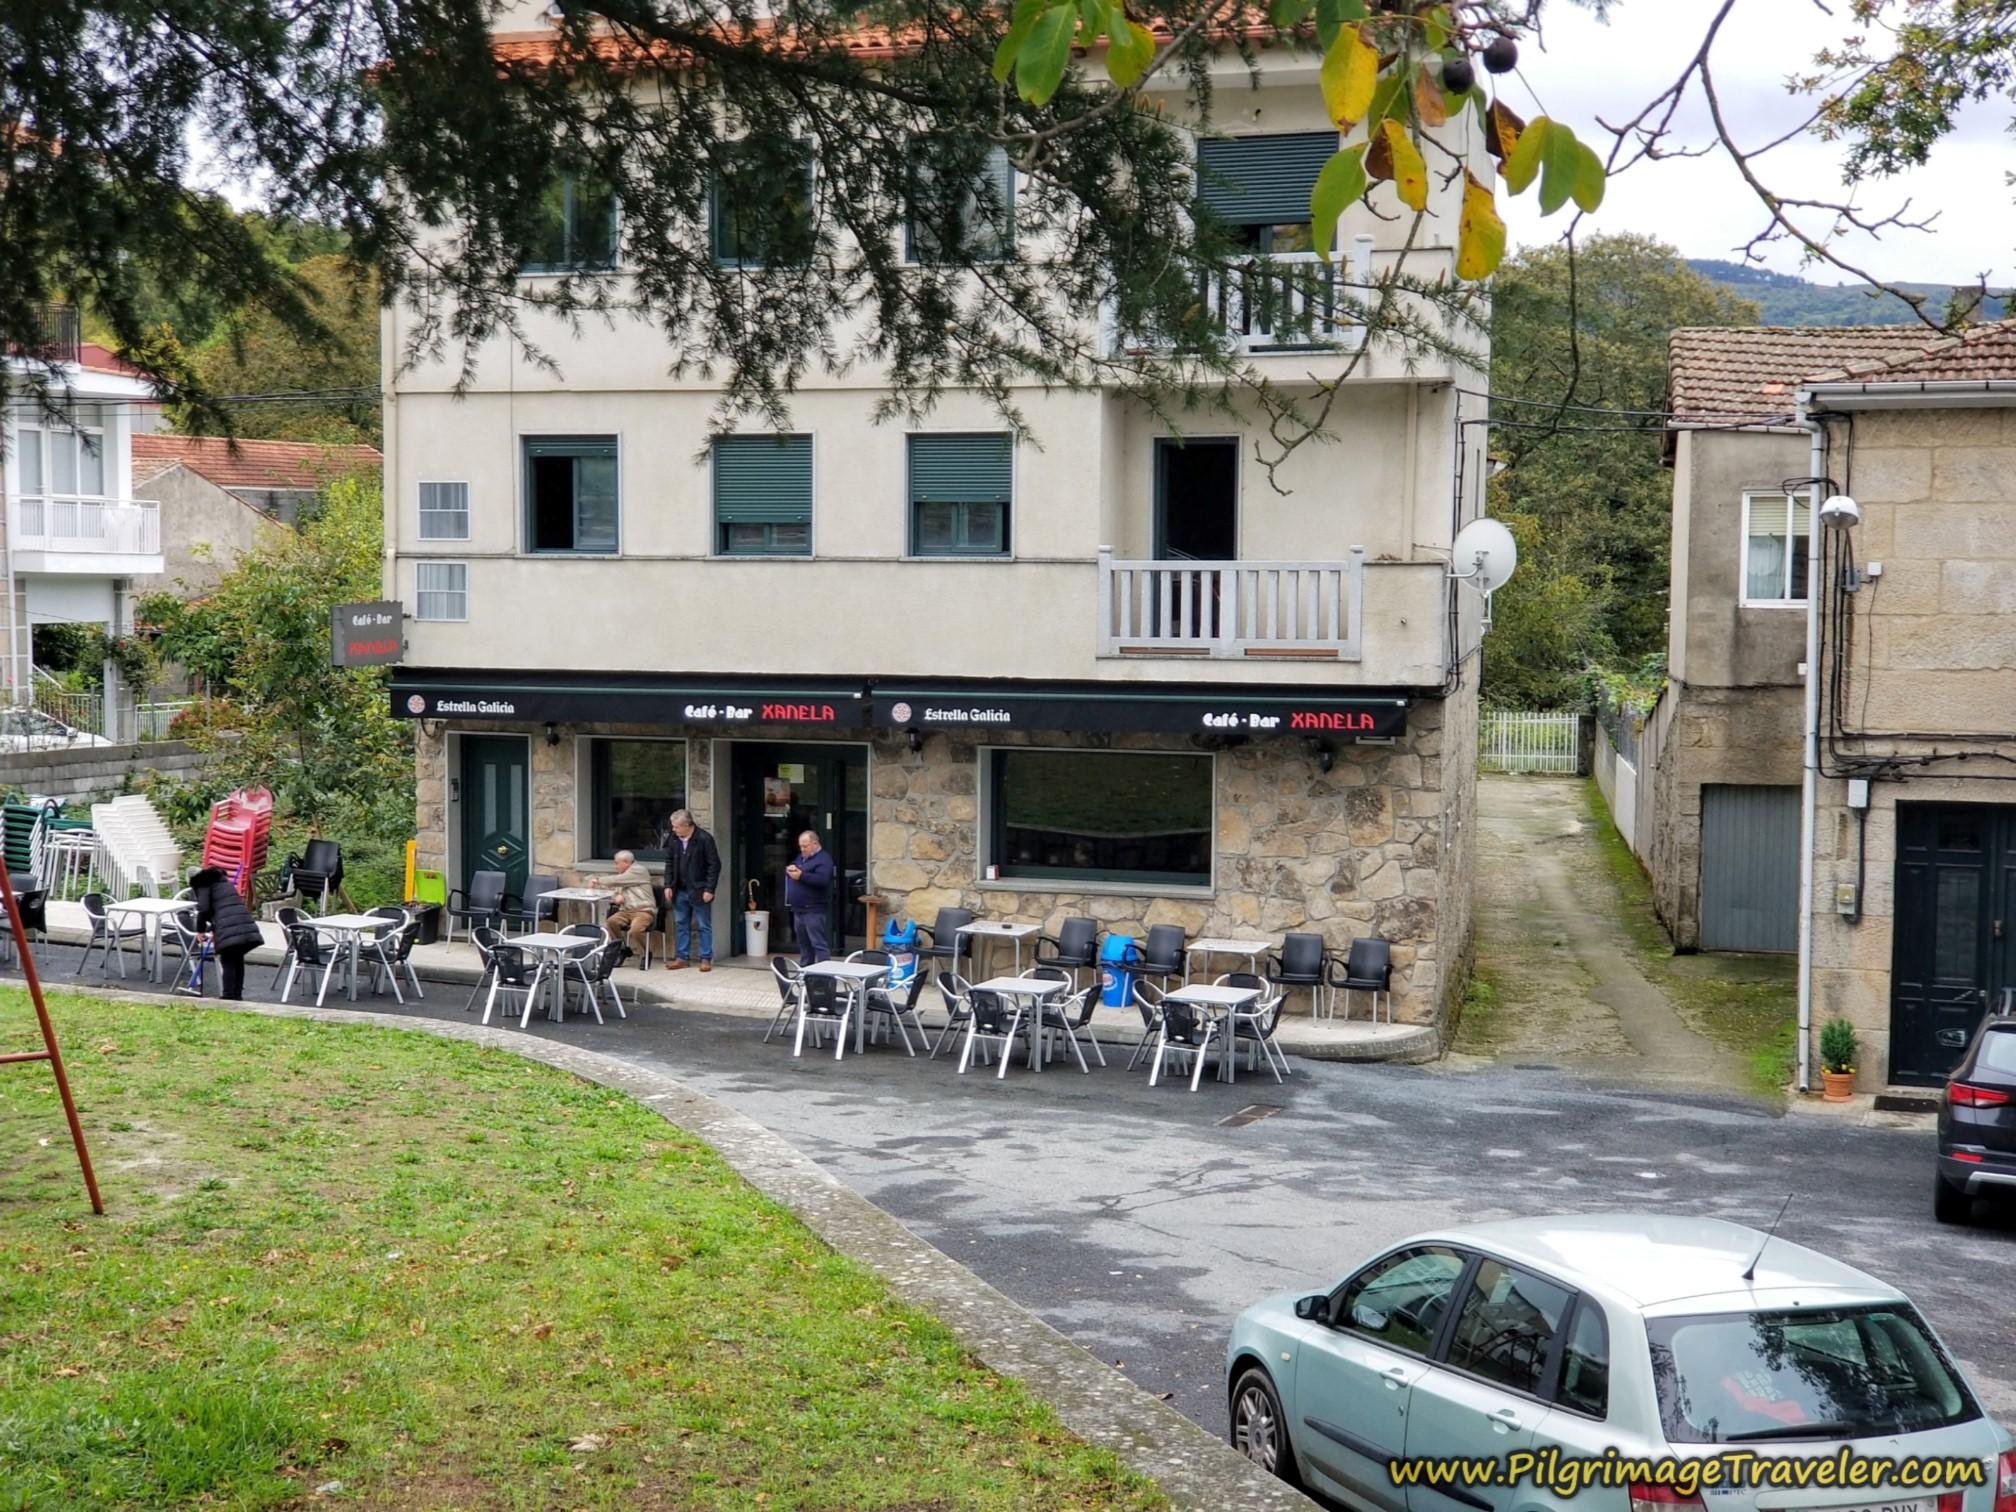 Bar Xanela